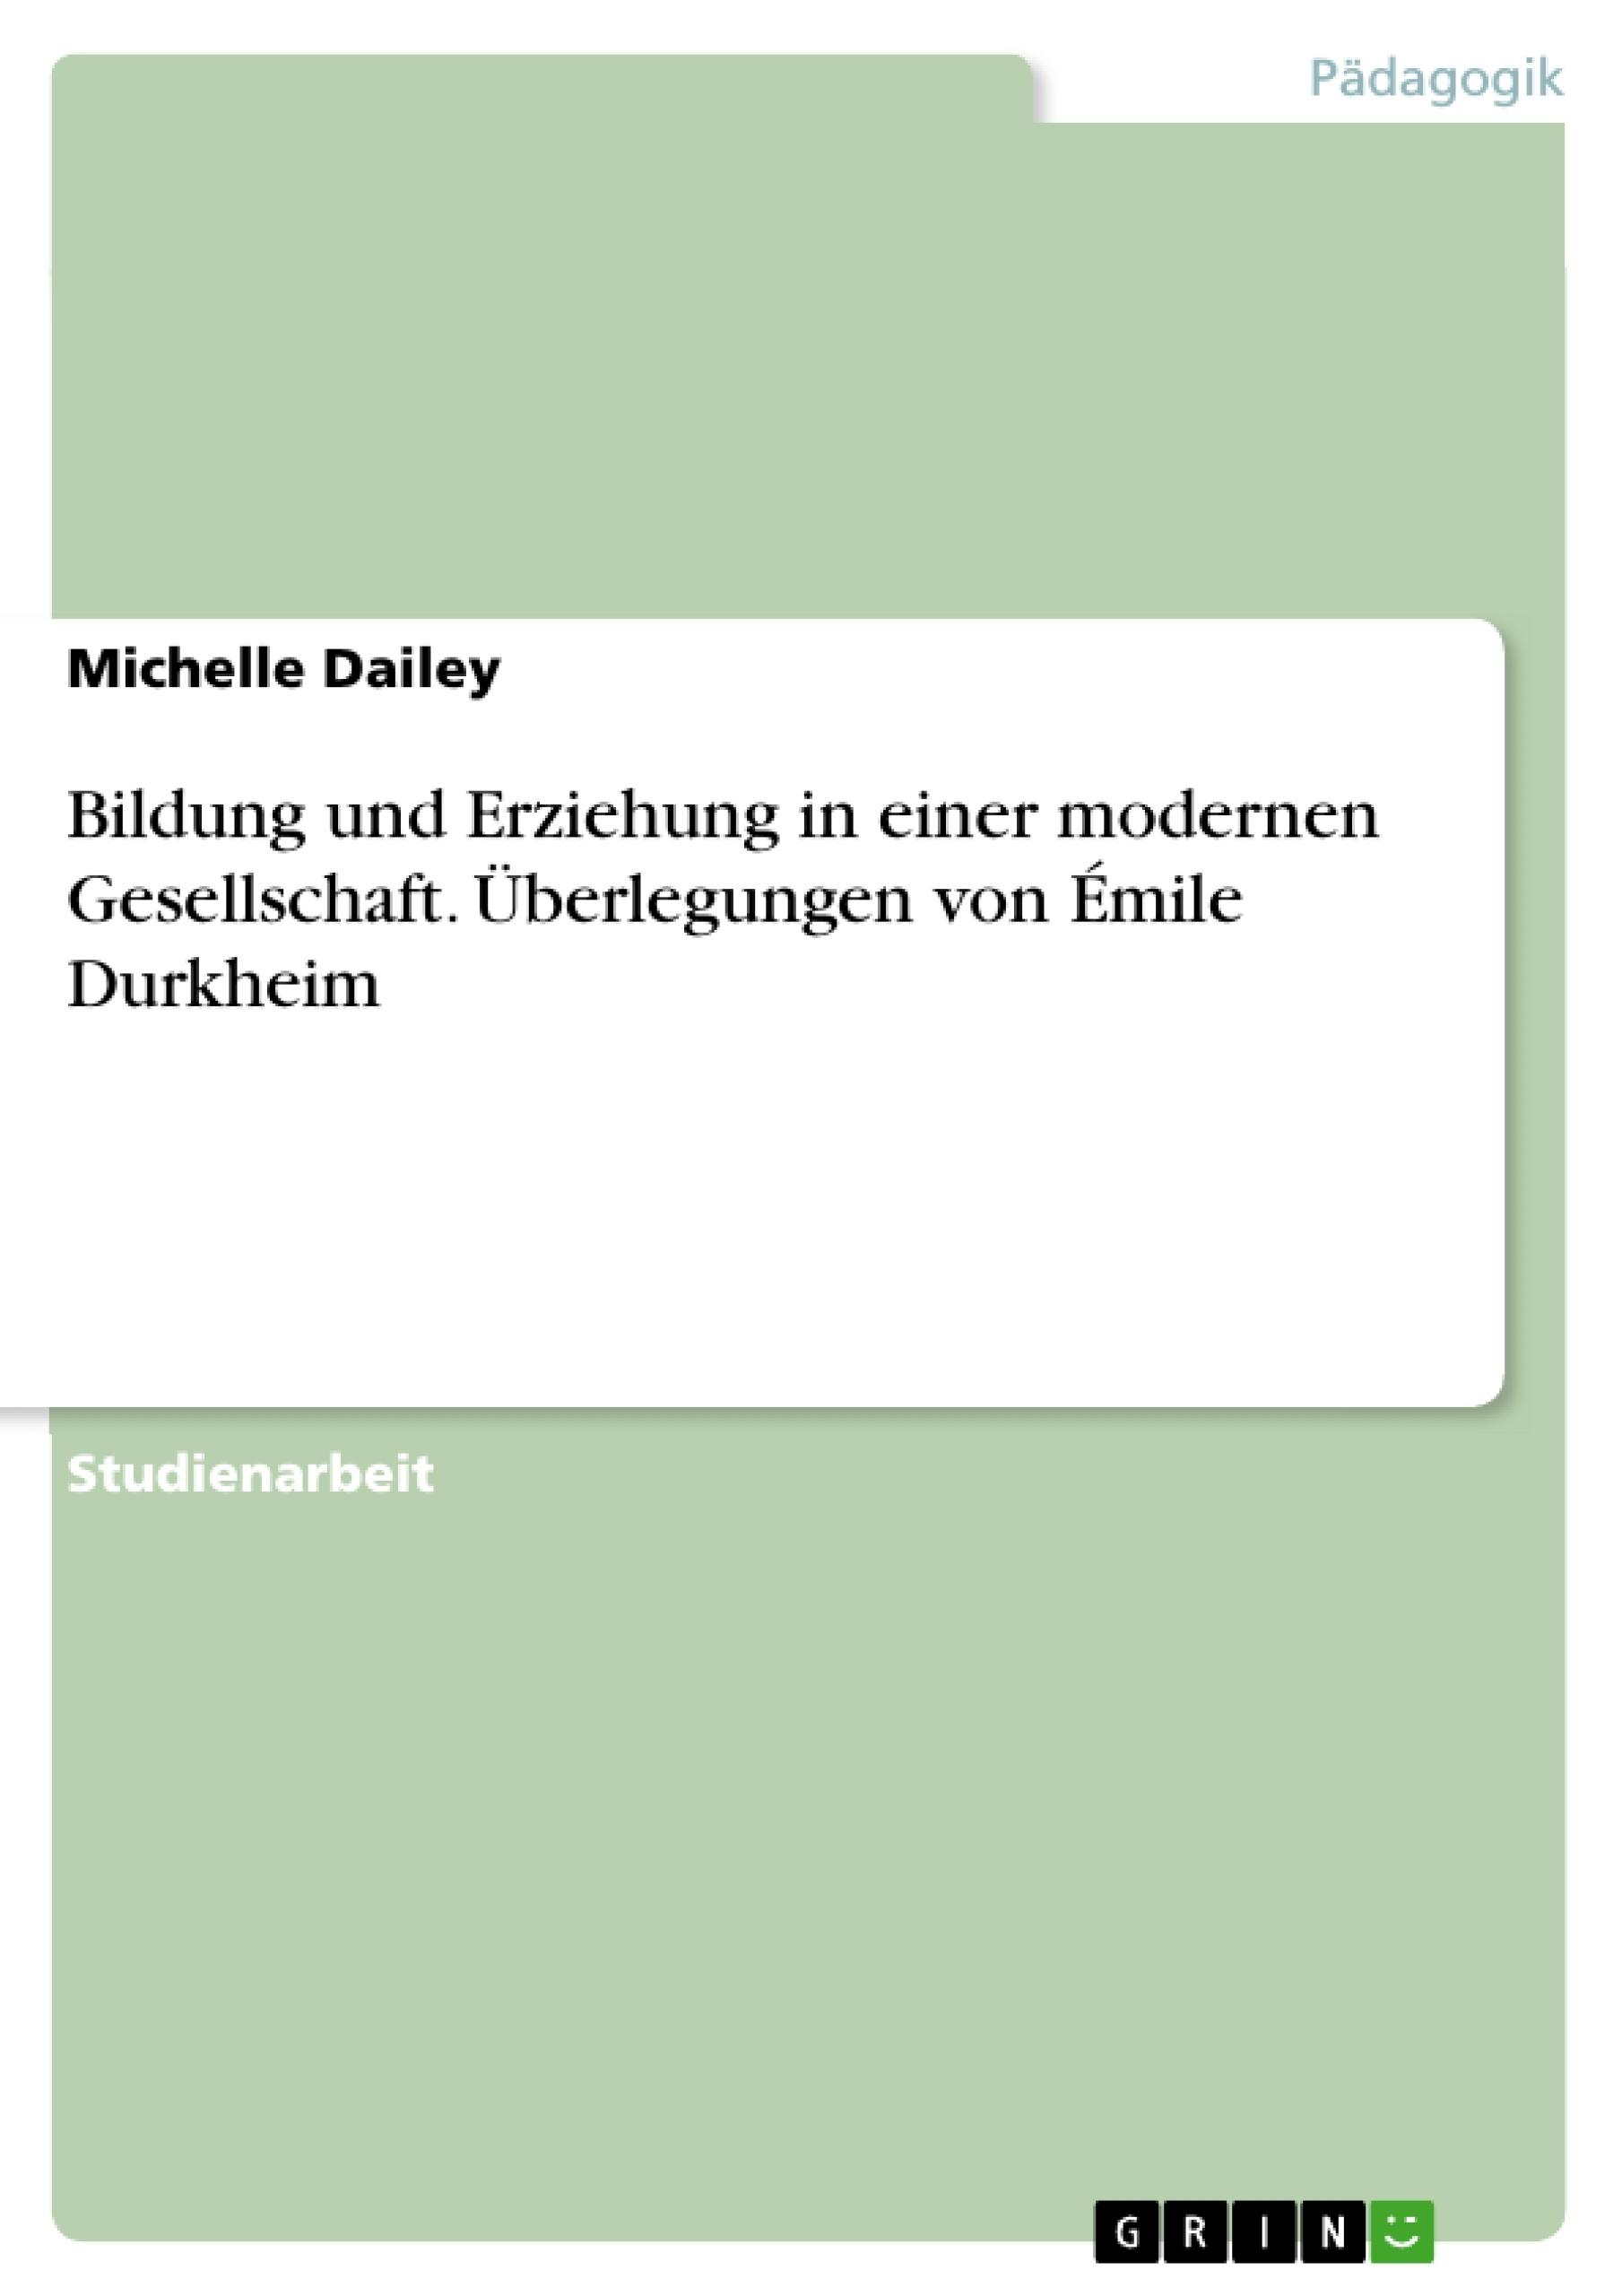 Titel: Bildung und Erziehung in einer modernen Gesellschaft. Überlegungen von Émile Durkheim